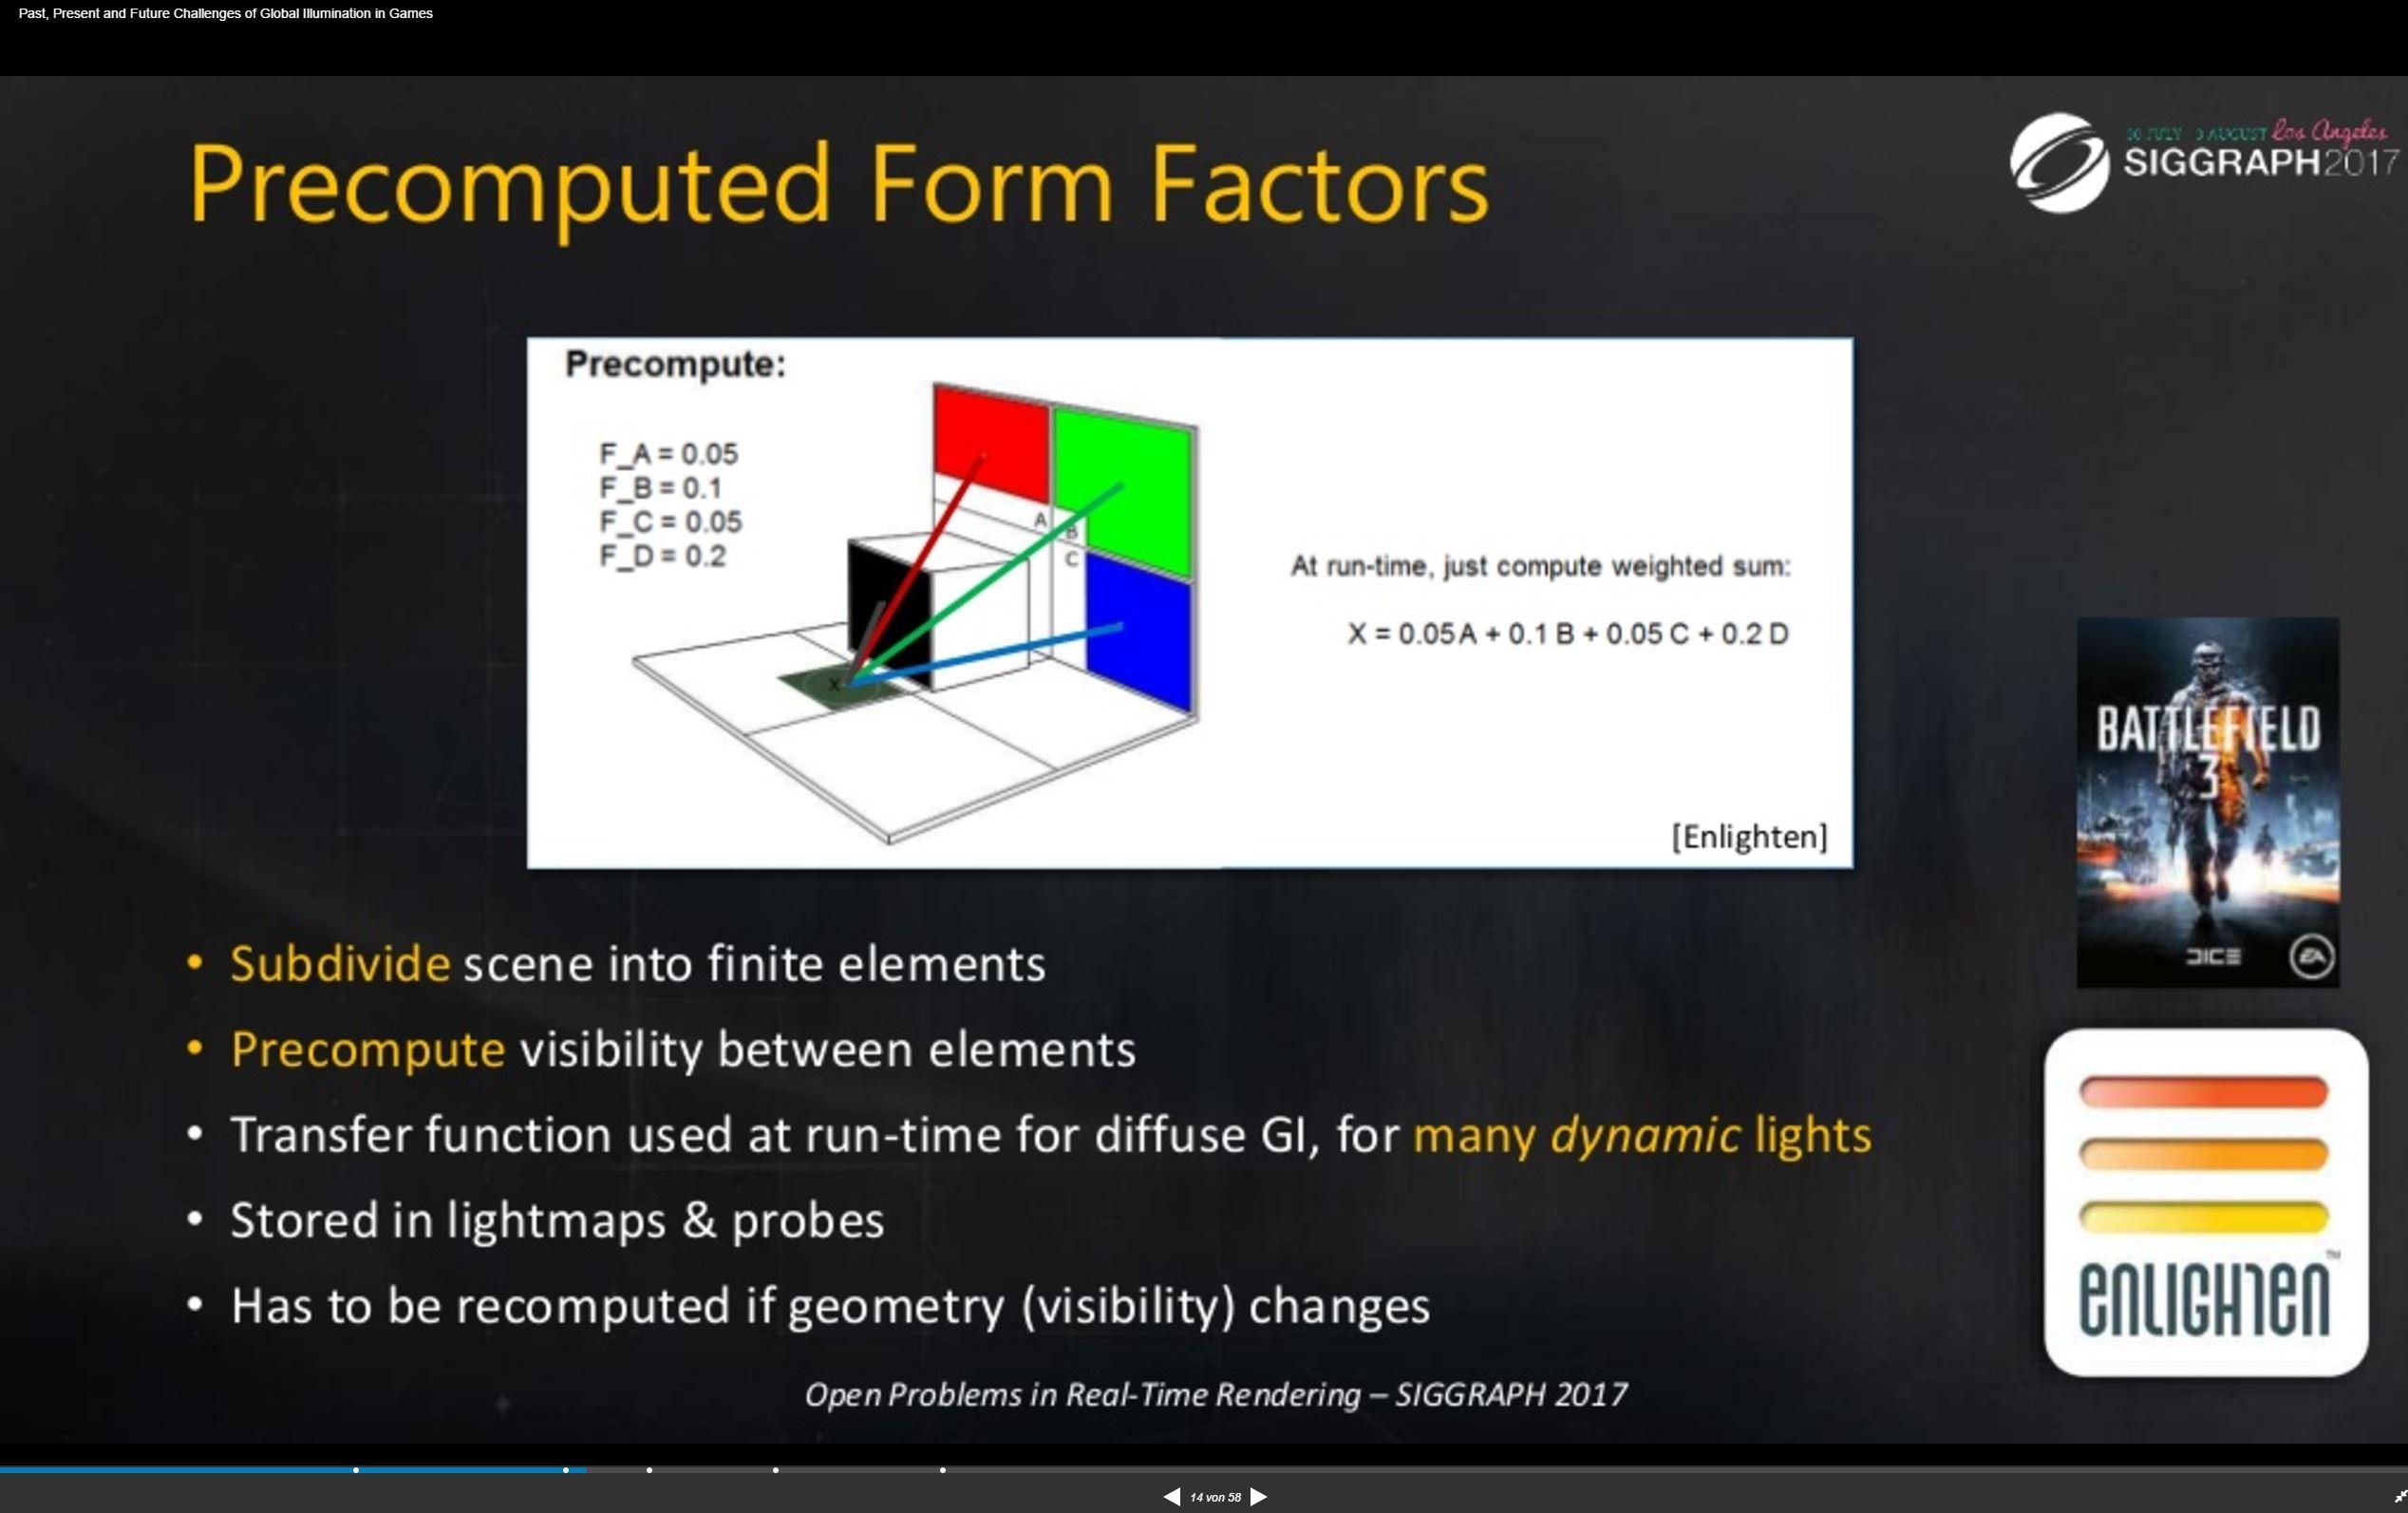 PrecomputedFormFactors.JPG